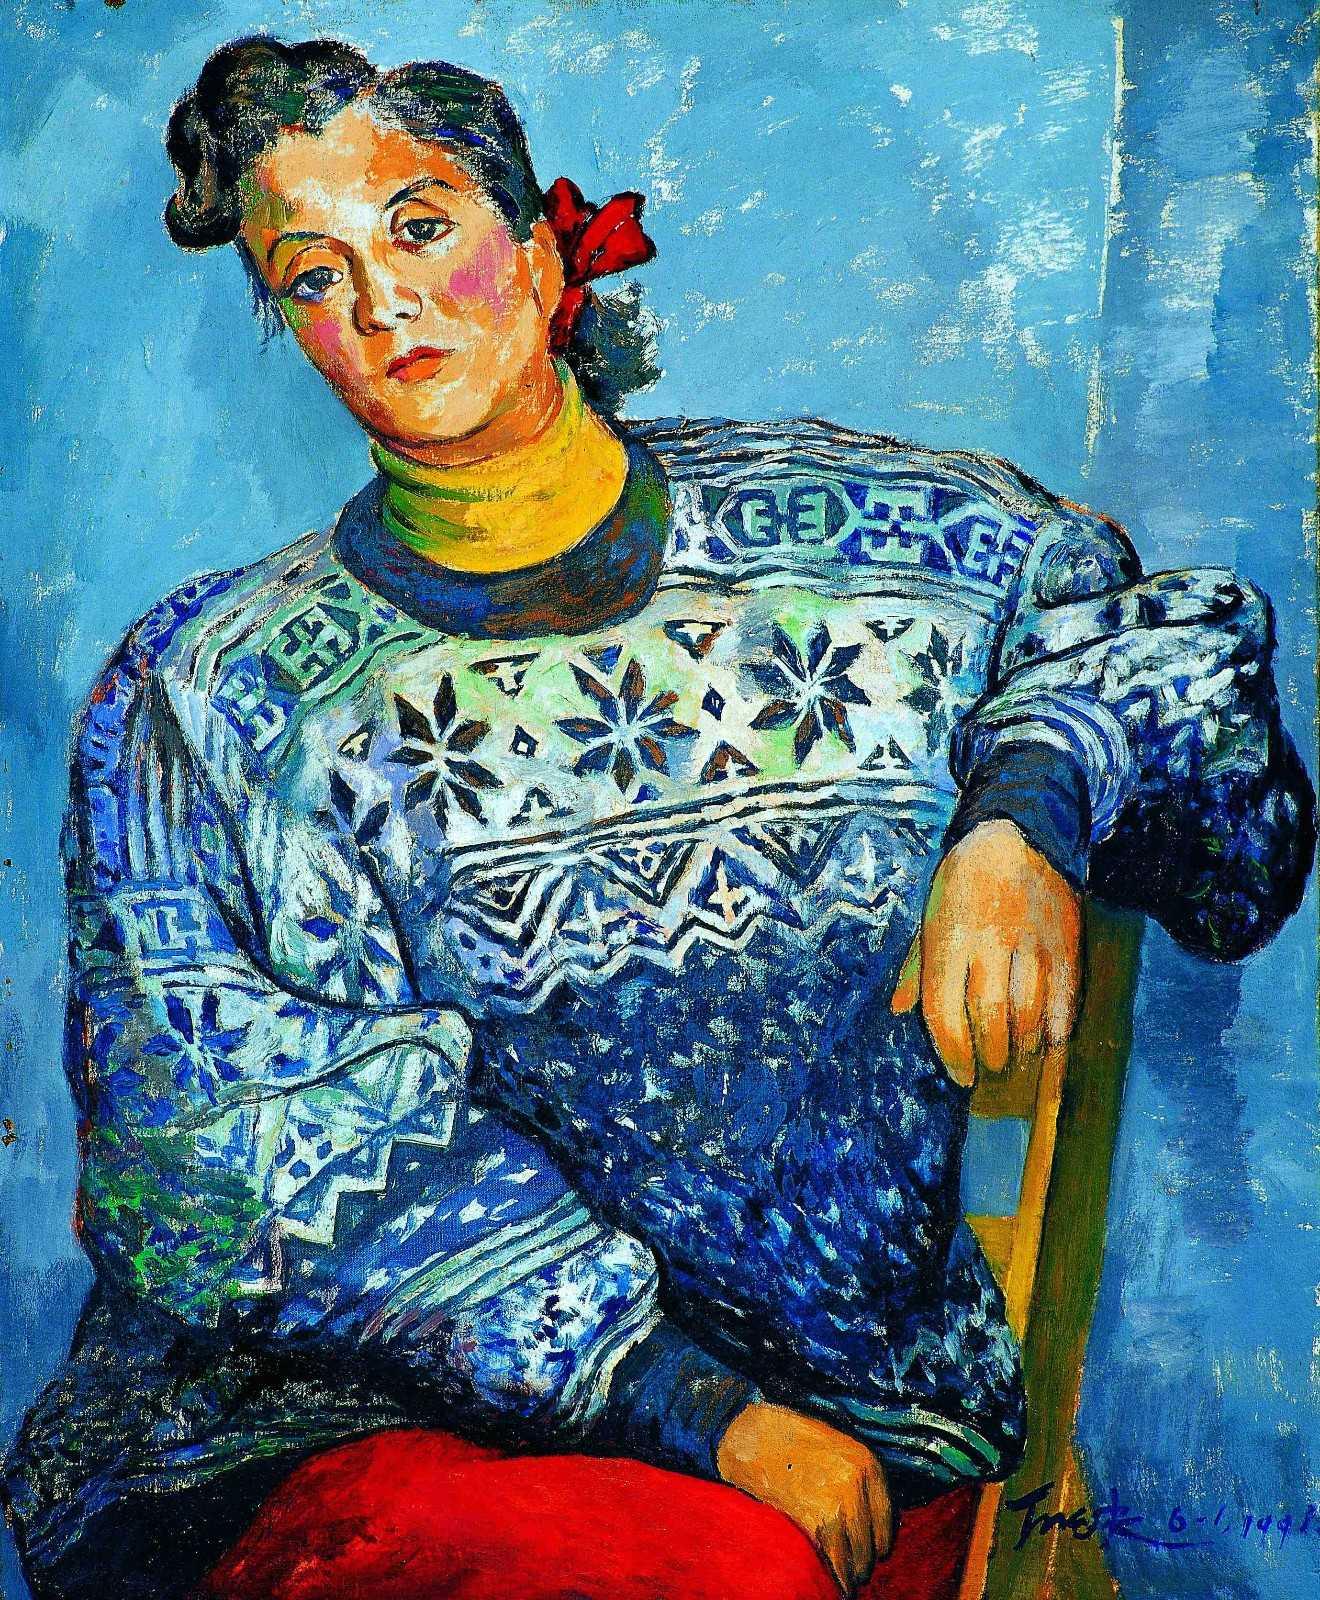 丁天缺《红发髻》布面油画  72x52cm  1991年